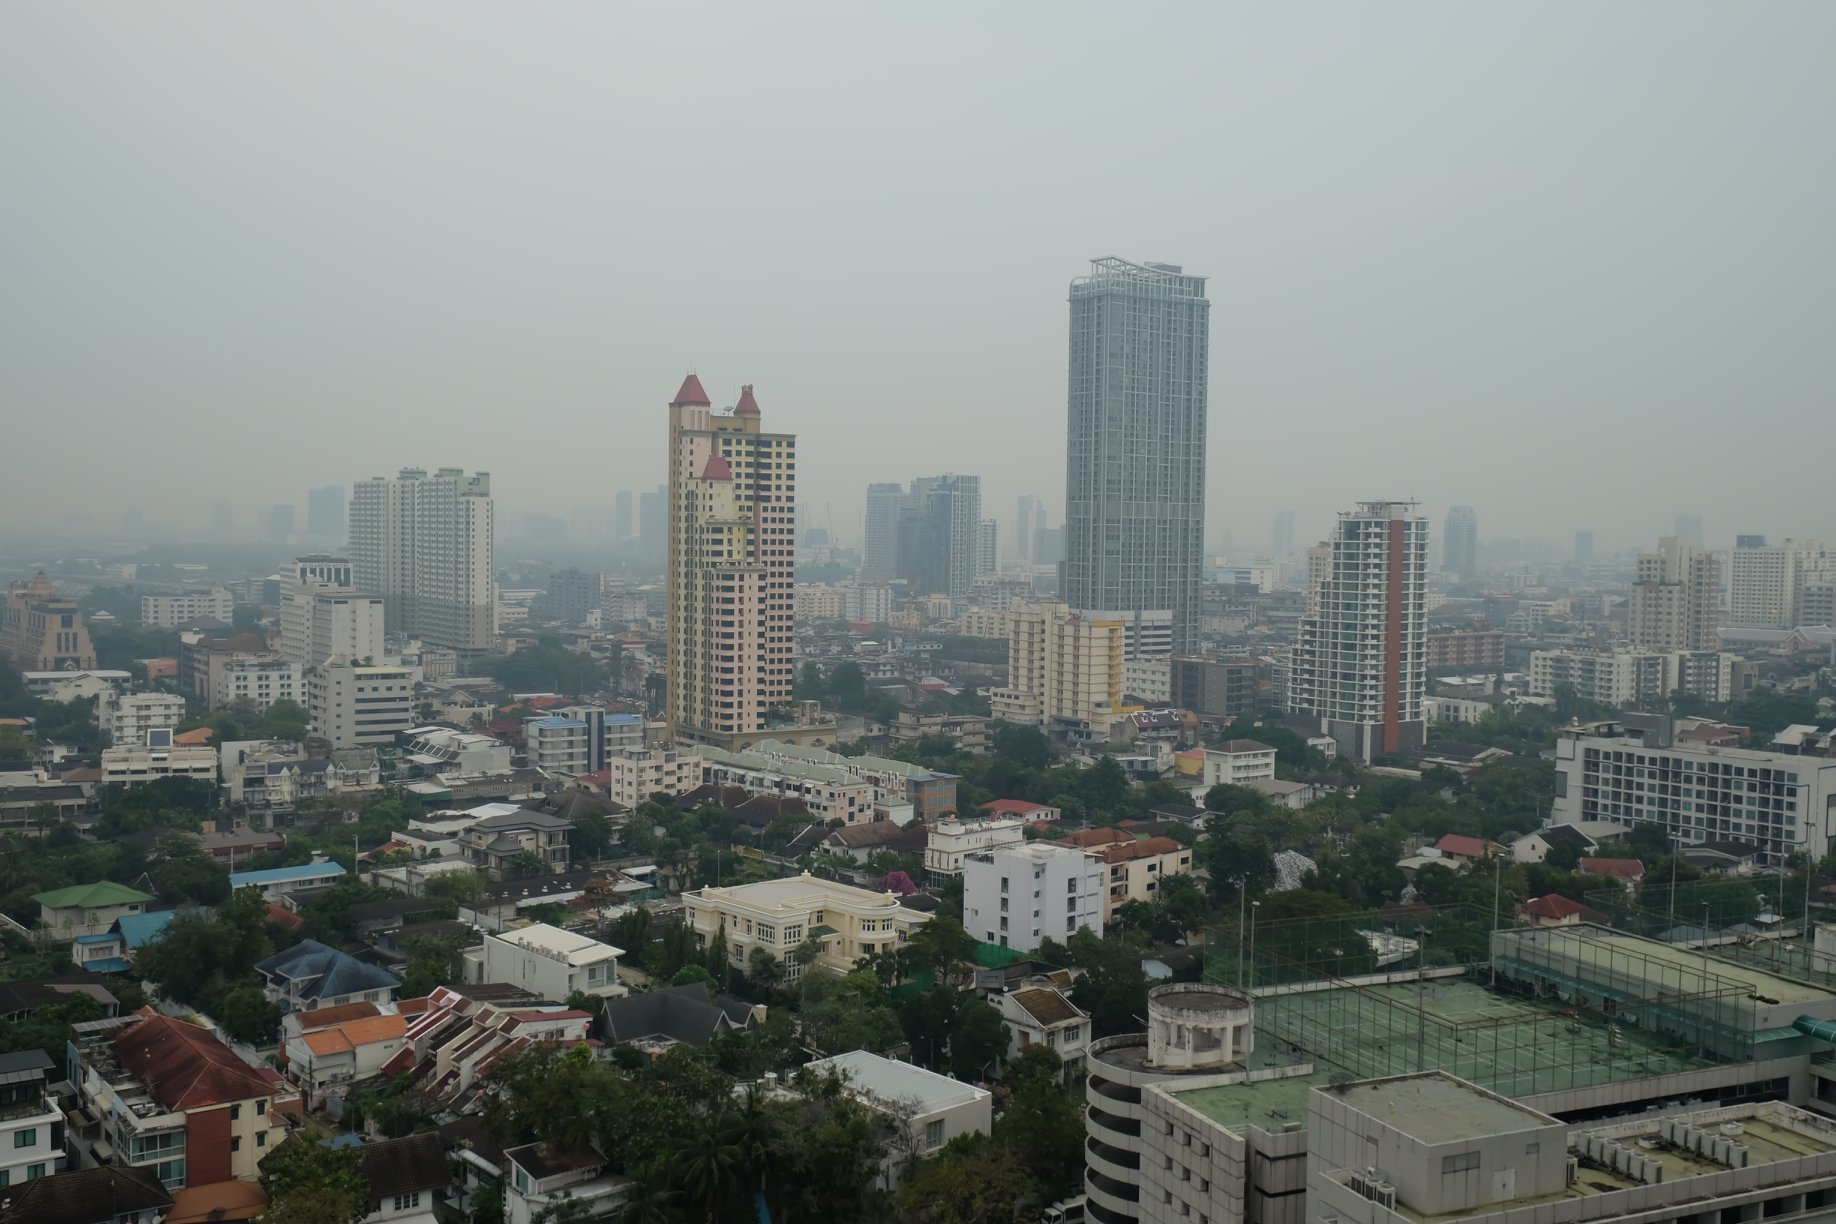 ฝุ่นกลืนเมือง PM 2.5 เกินมาตรฐานทั่วกรุงเทพฯ ปริมณฑล ยังต้องทนอีกหลายวัน